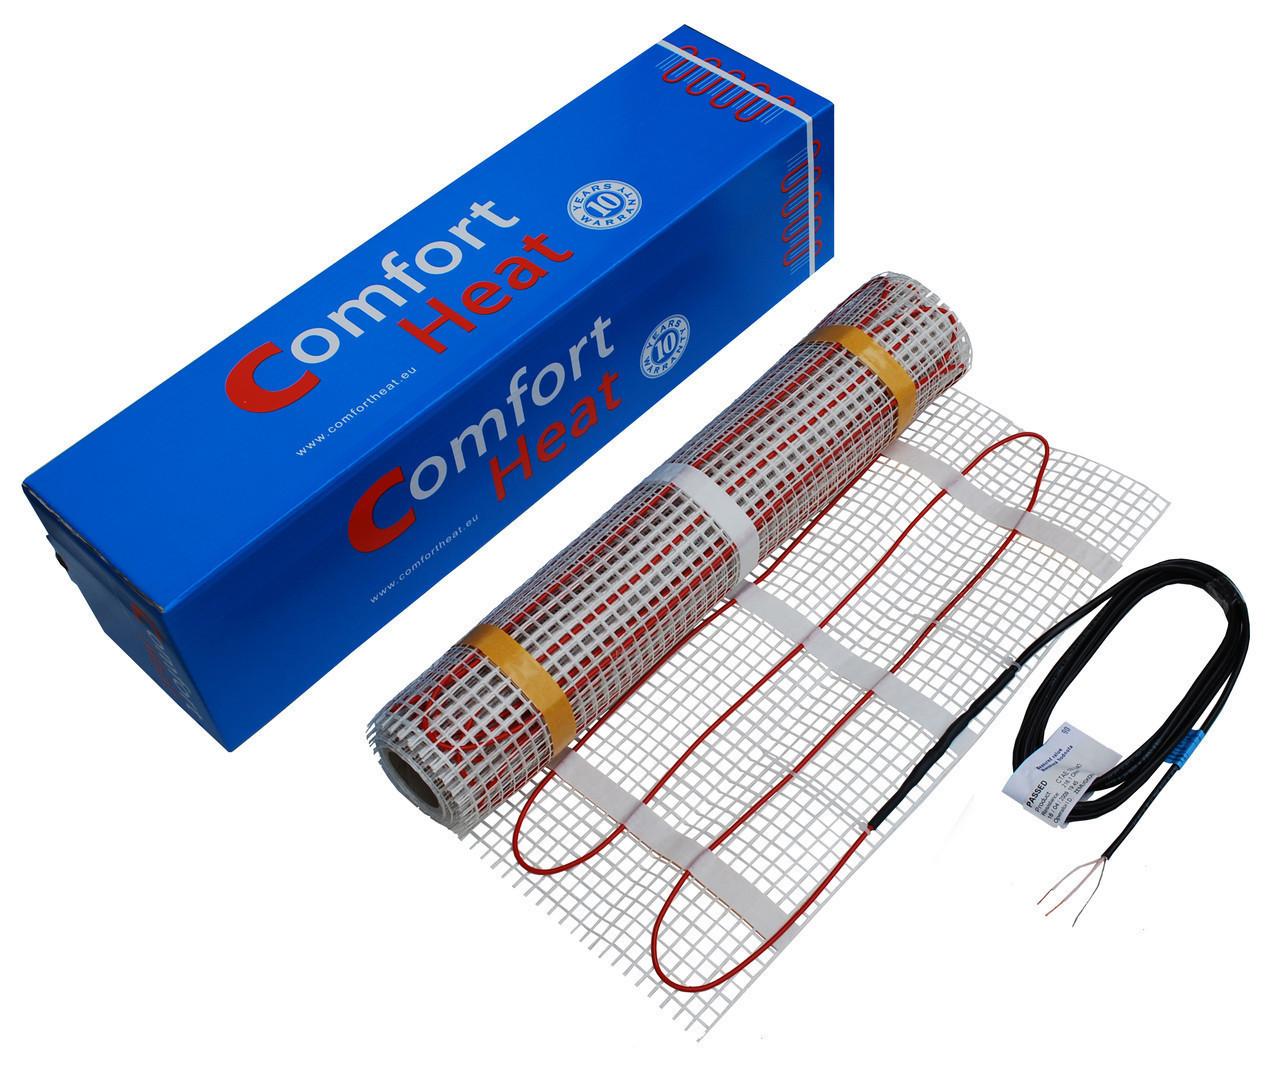 CTAE-200, 3 м2, 600 Вт, двухжильный нагревательный мат, Comfort Heat